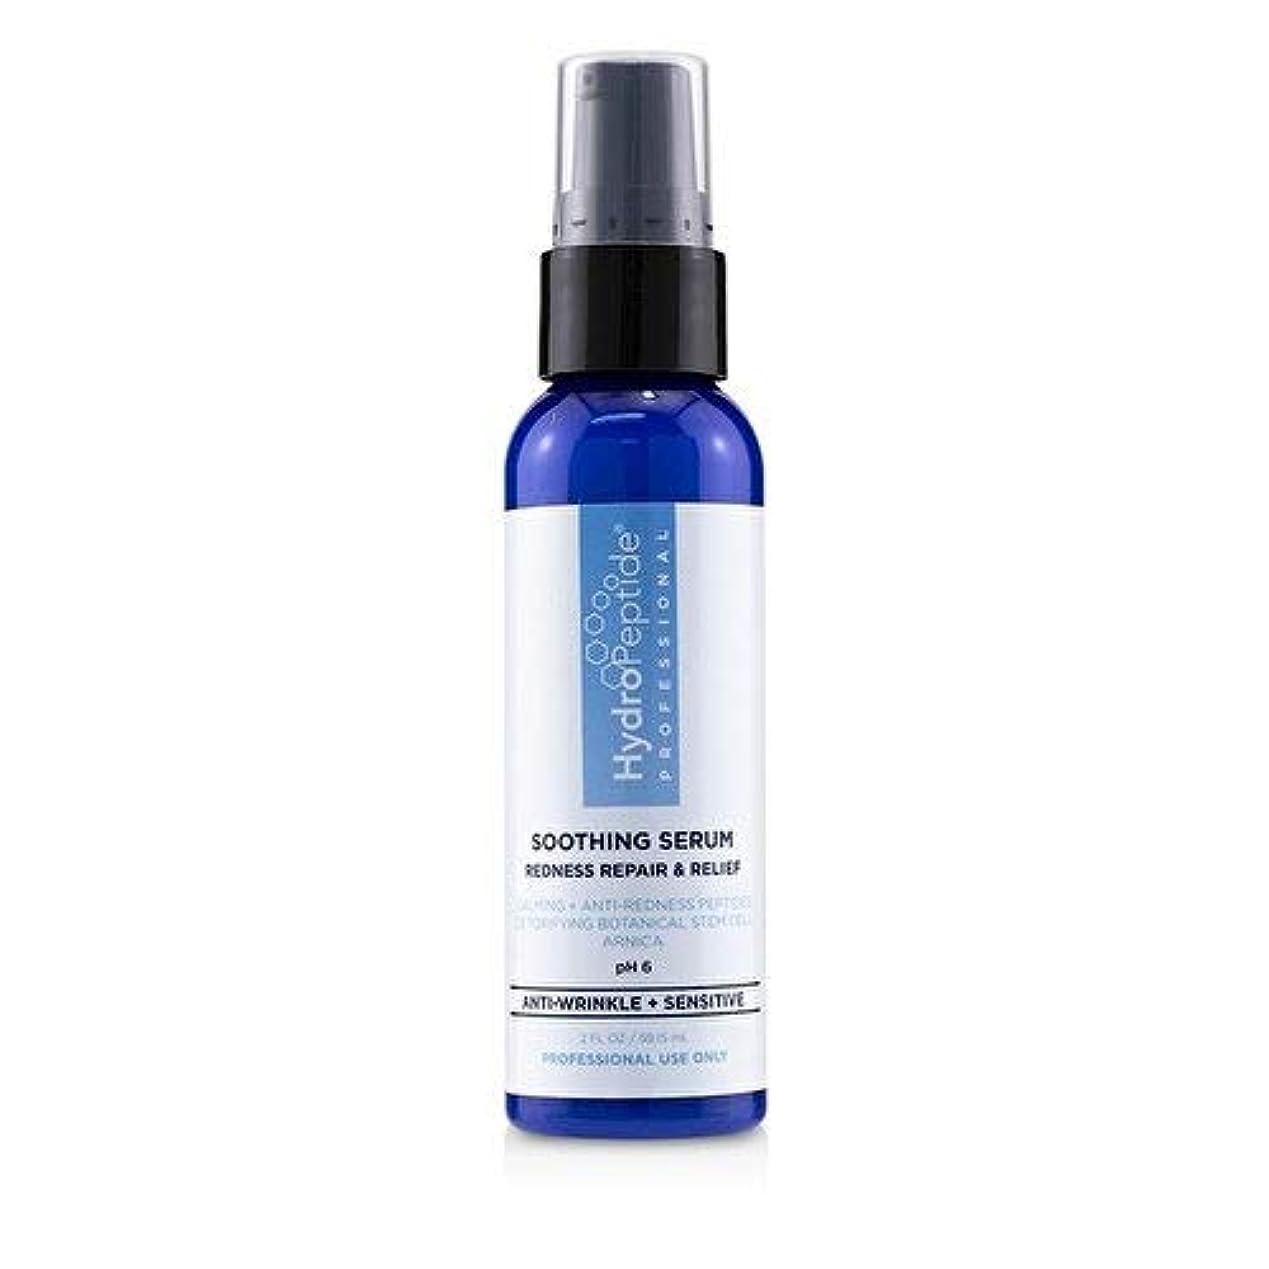 れるうなり声注目すべきハイドロペプチド Soothing Serum: Redness Repair & Relief (Salon Size) 59ml/2oz並行輸入品